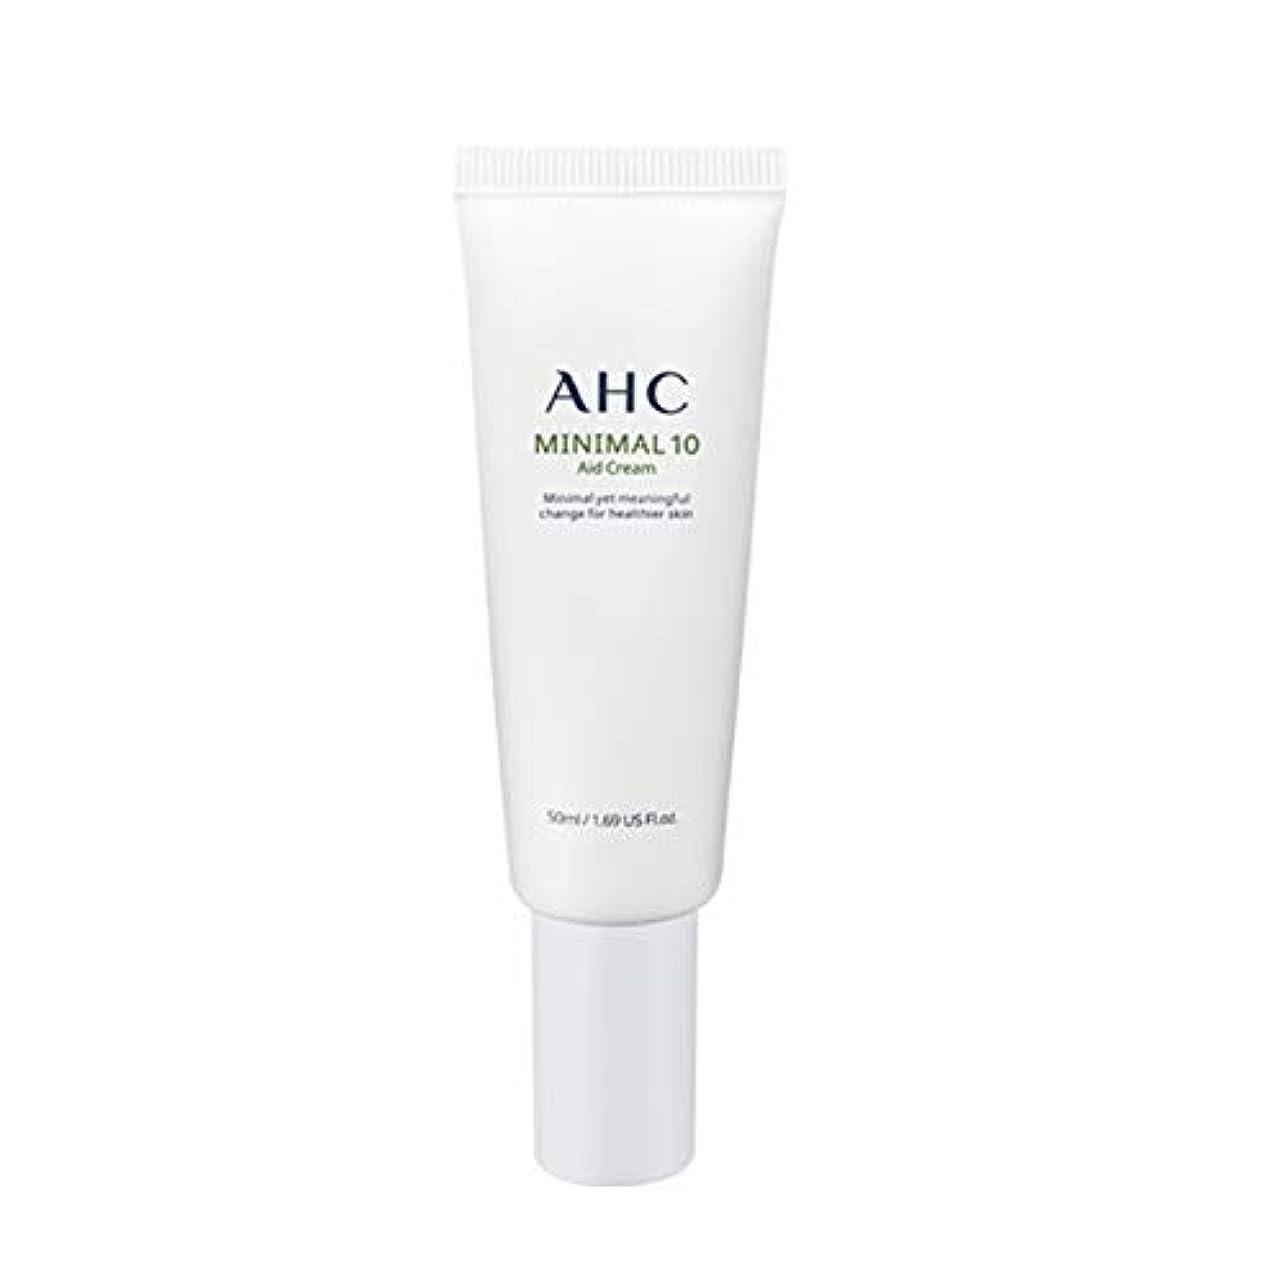 脱臼する精神効能あるAHC ミニマル10エイドクリーム 50ml / AHC MINIMAL 10 AID CREAM 50ml [並行輸入品]